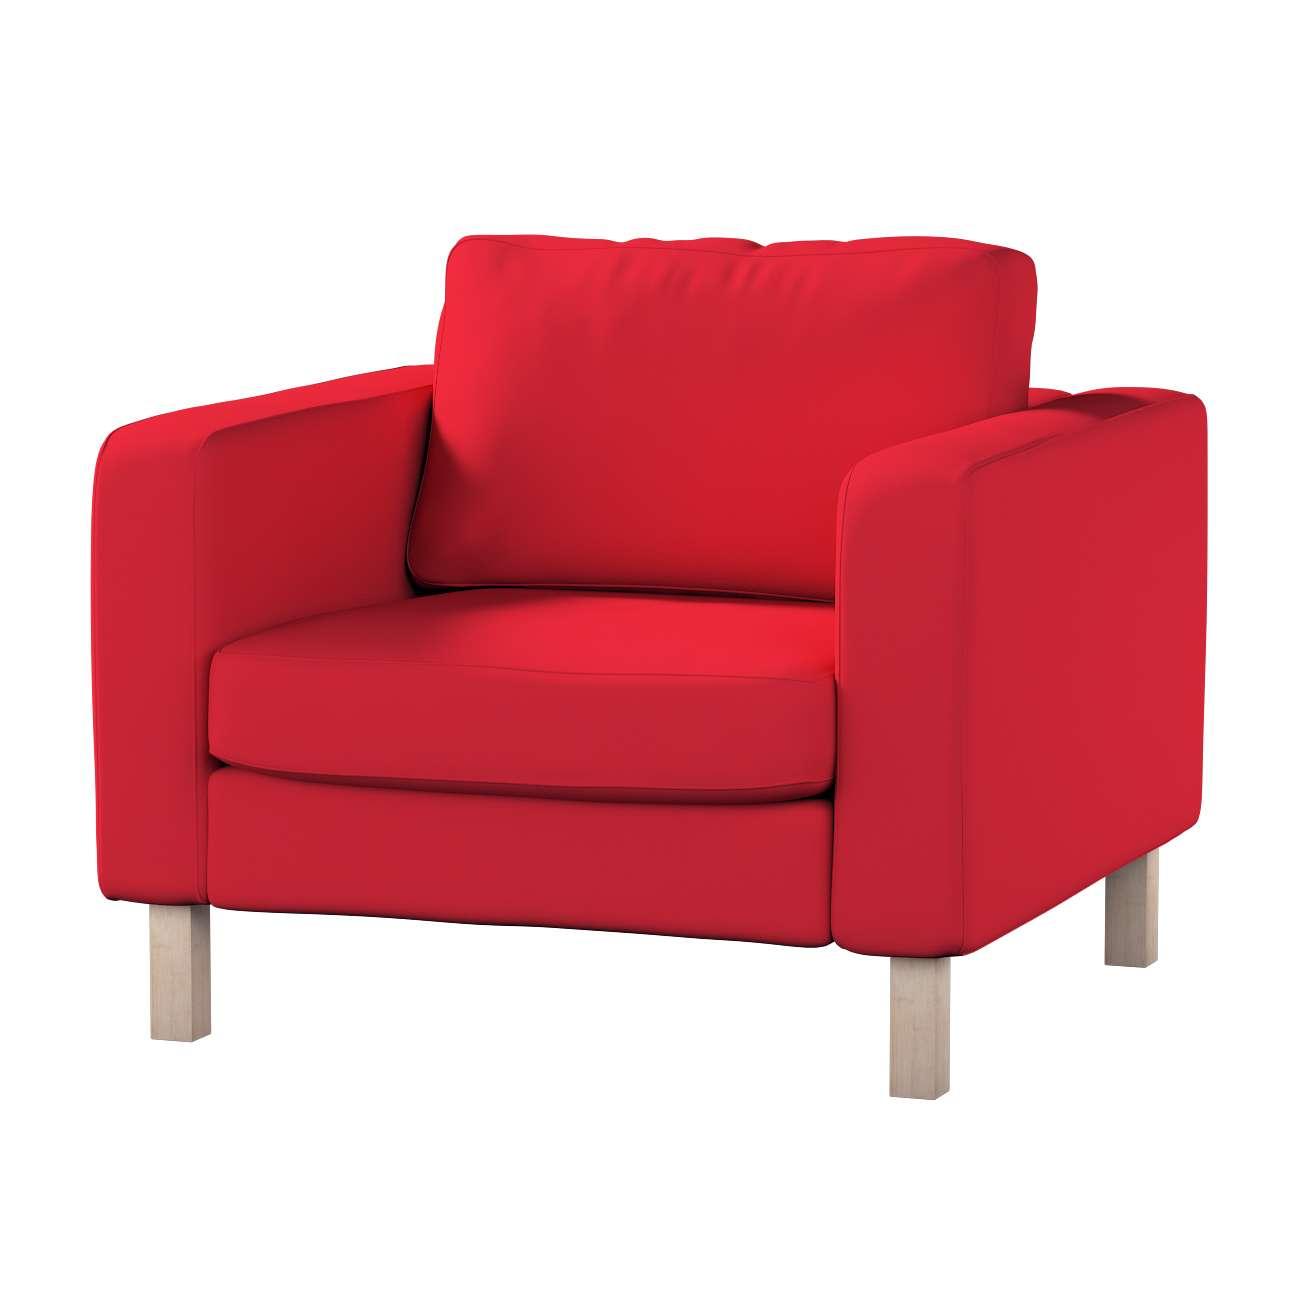 Pokrowiec na fotel Karlstad, krótki w kolekcji Cotton Panama, tkanina: 702-04